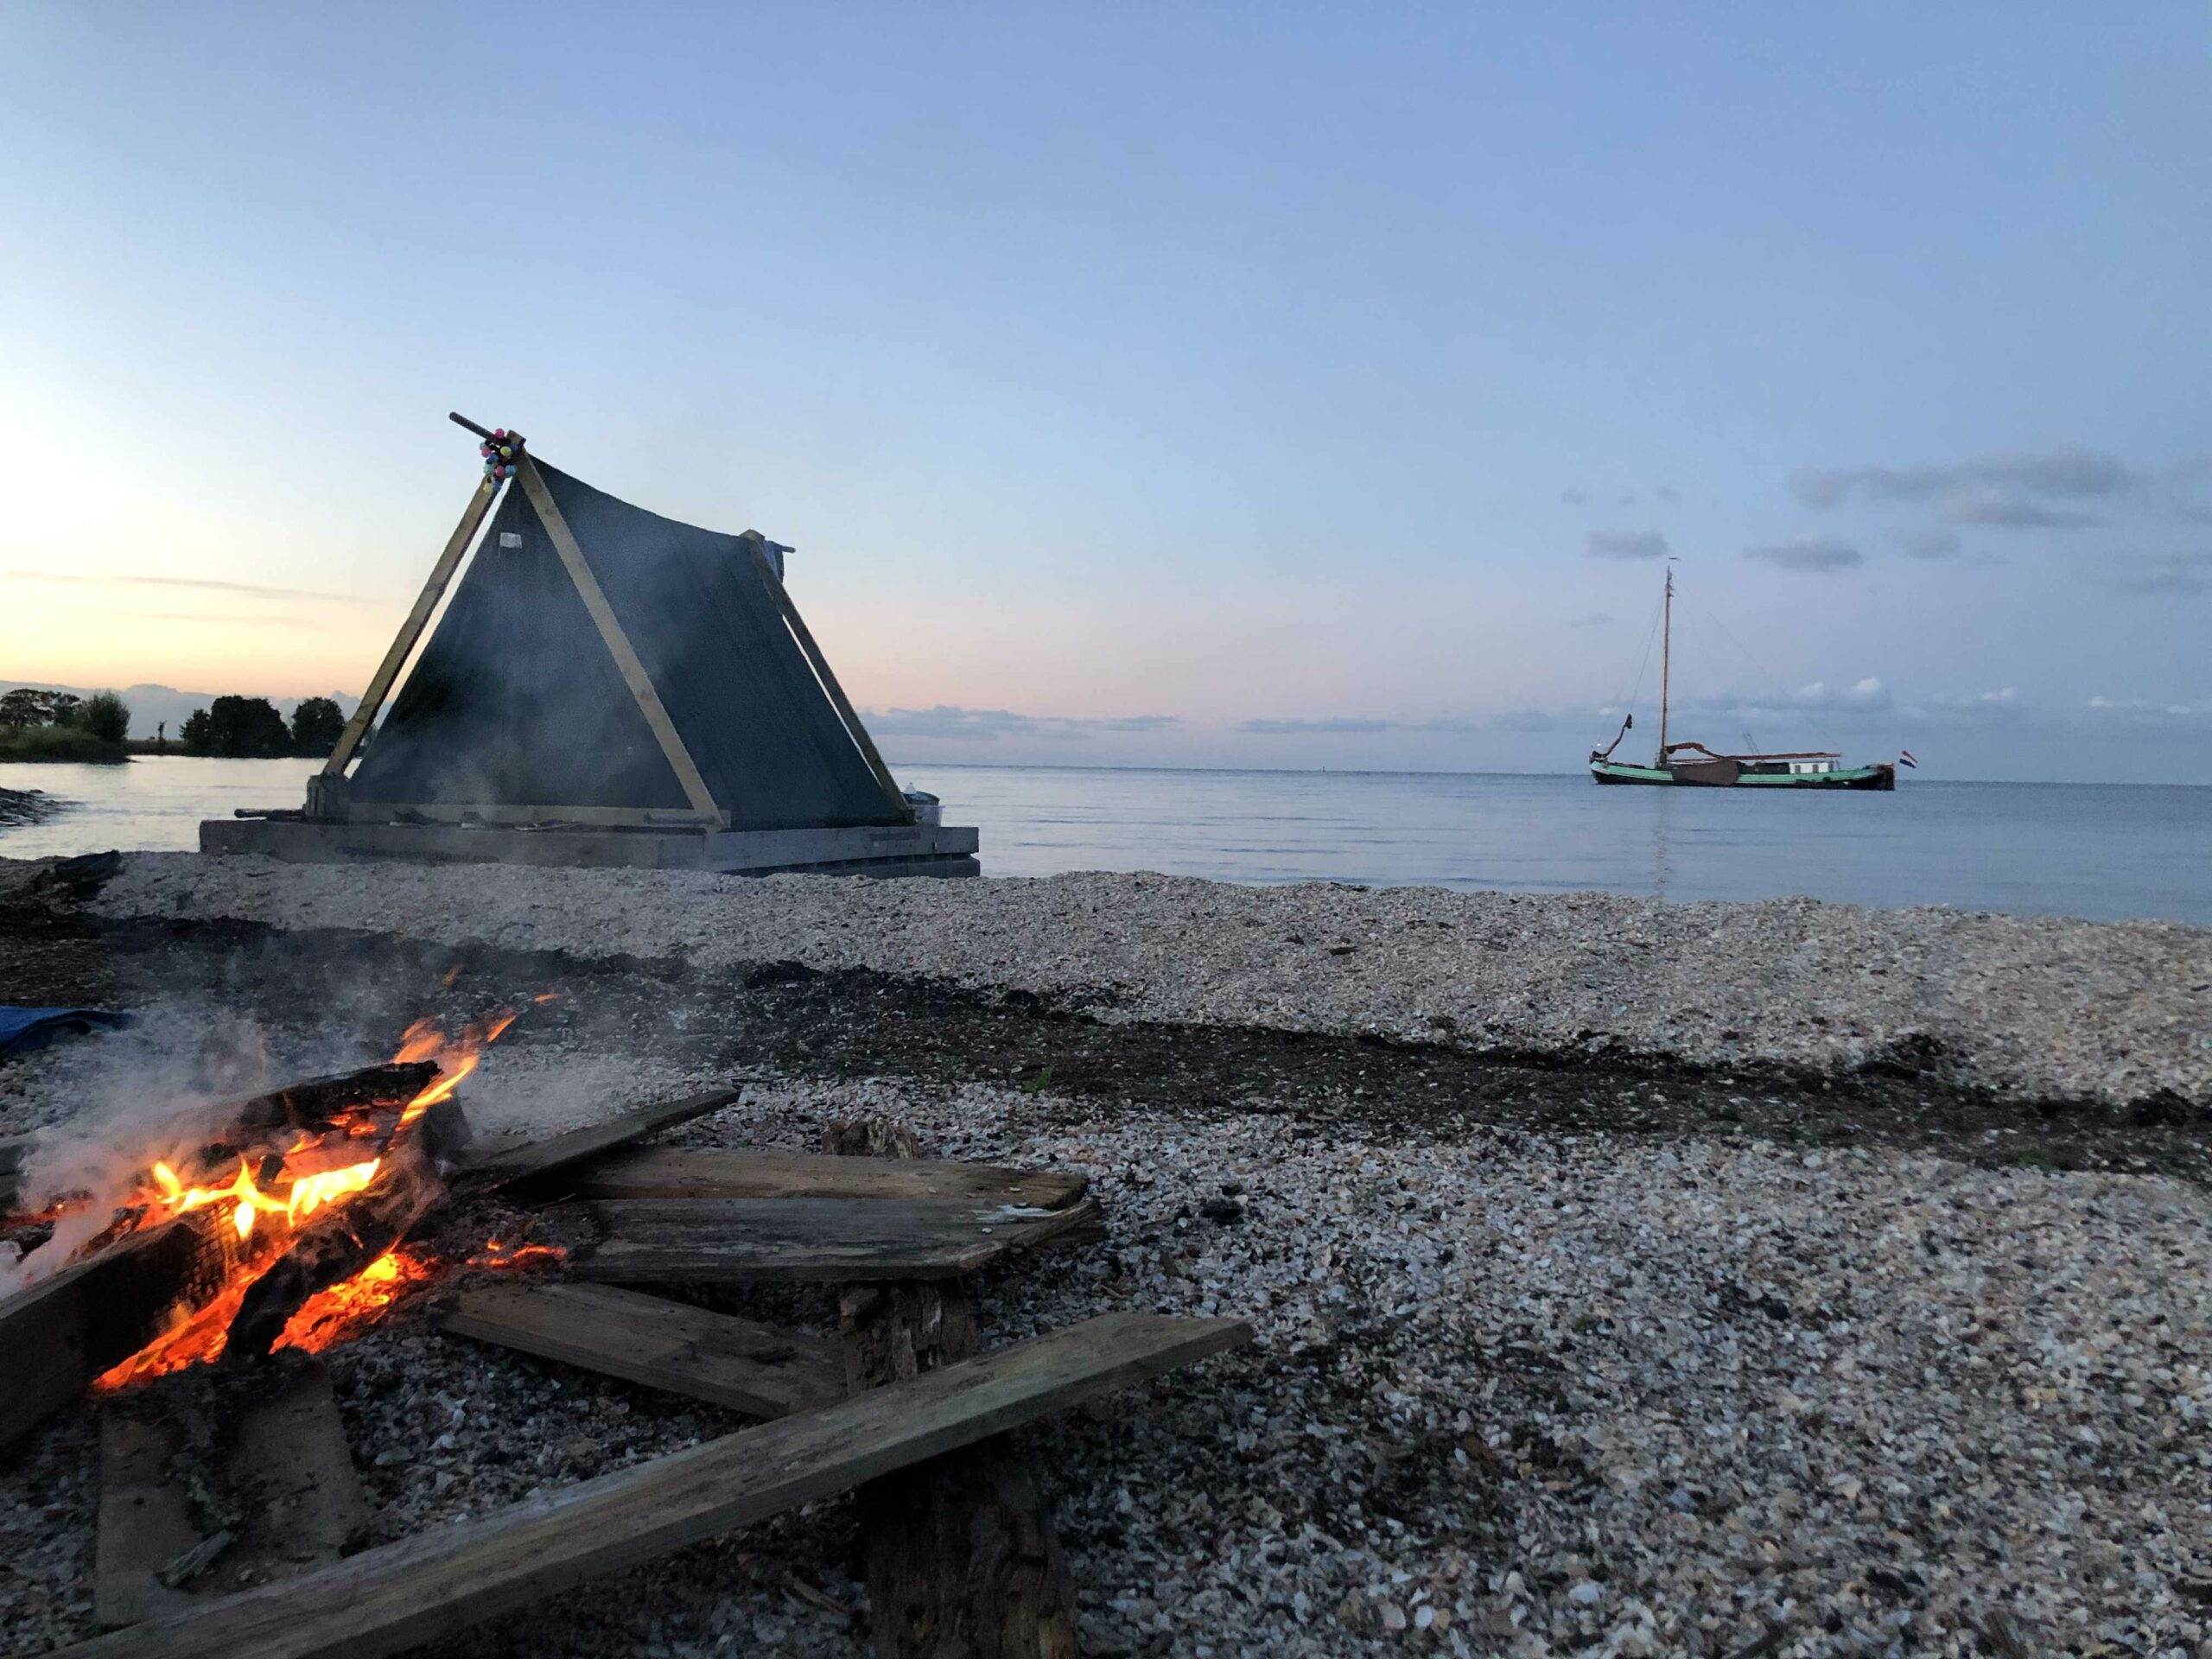 Kampeervlot - Glampingraft -slow adventure -camping- raft origineel overnachten - uniek overnachten - glamping -bijzonder overnachten -kamperen -1